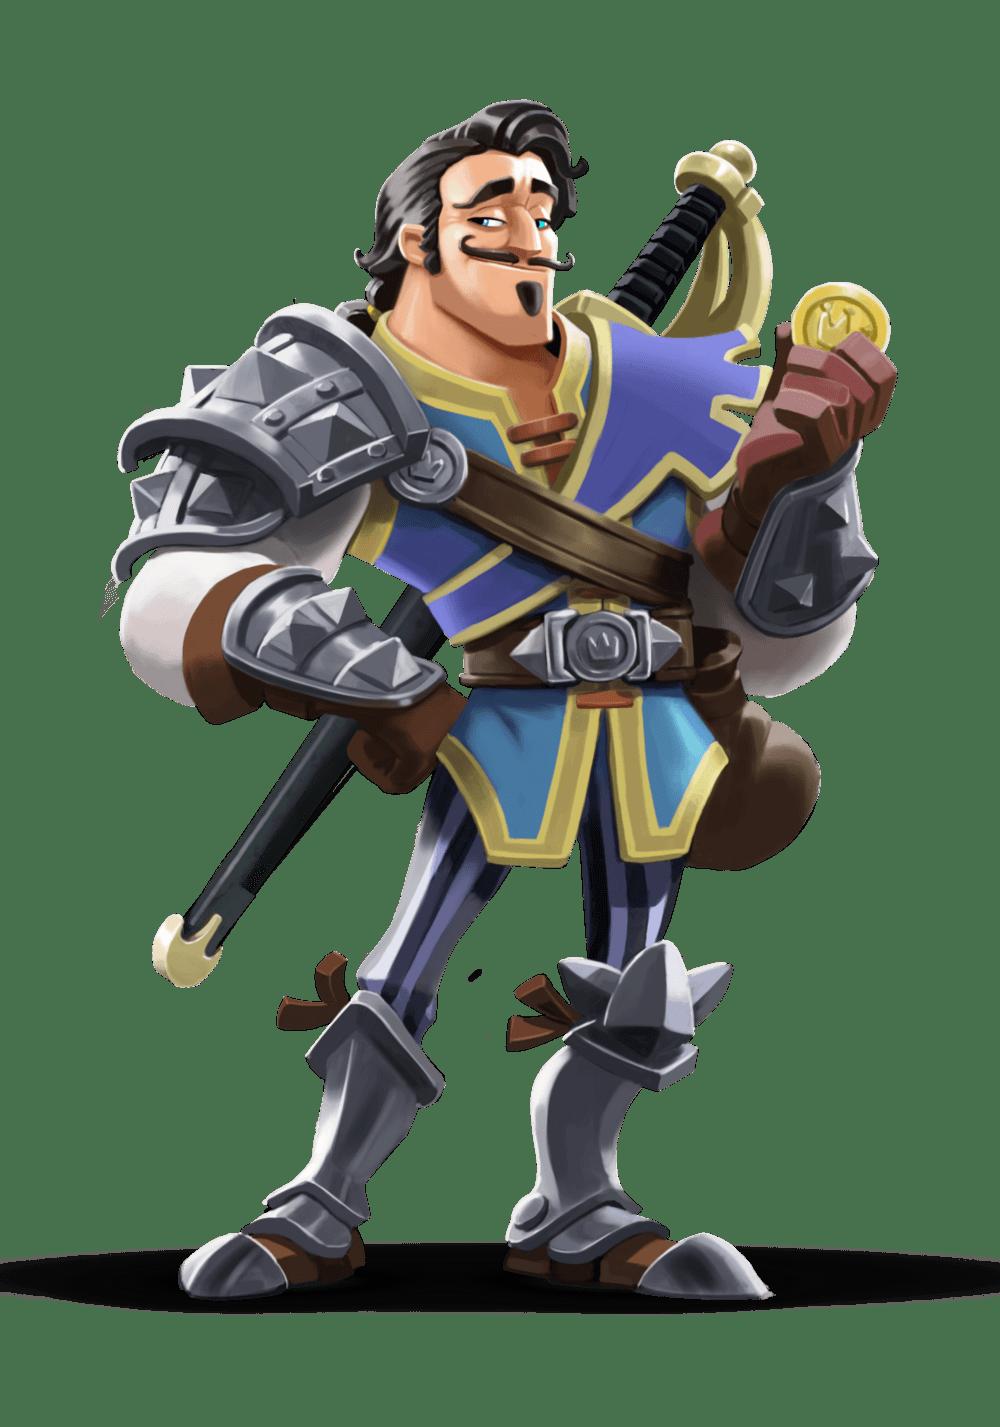 Darkfire Heroes Tier List – The Best Heroes in the Game